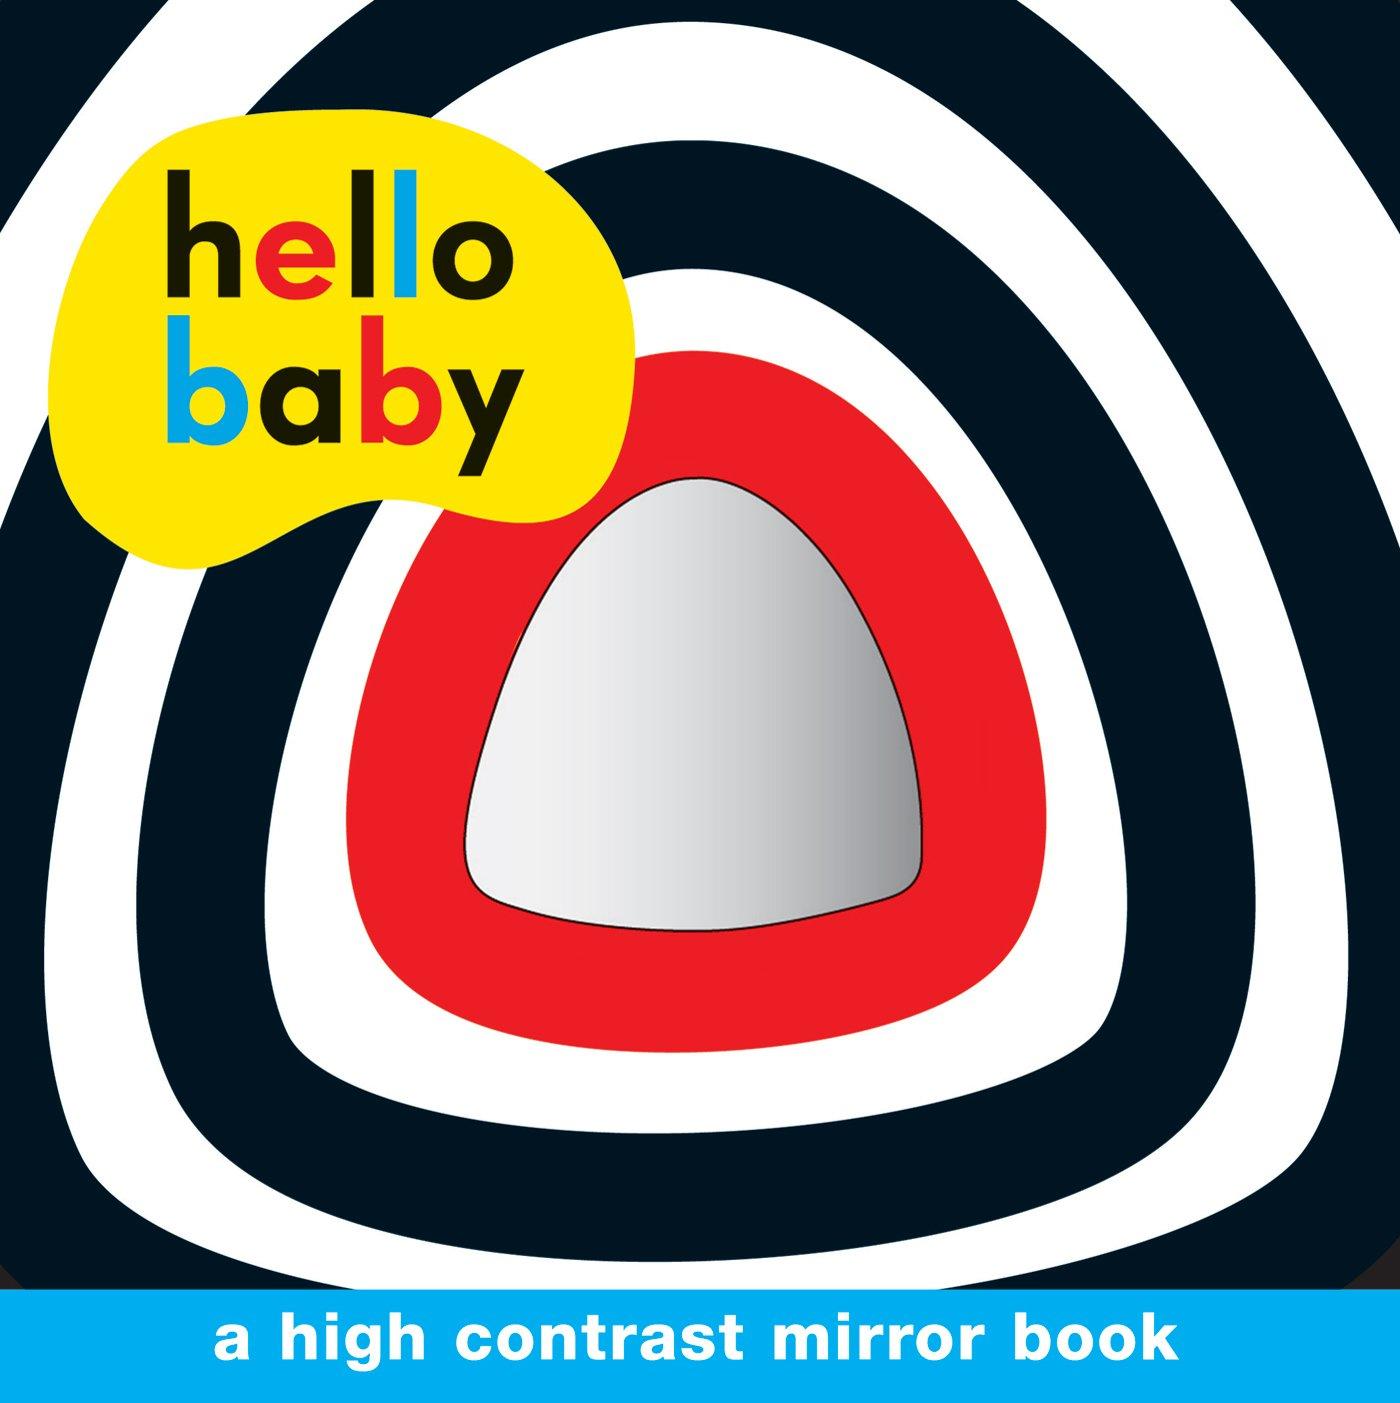 Hello Baby Mirror Board Contrast